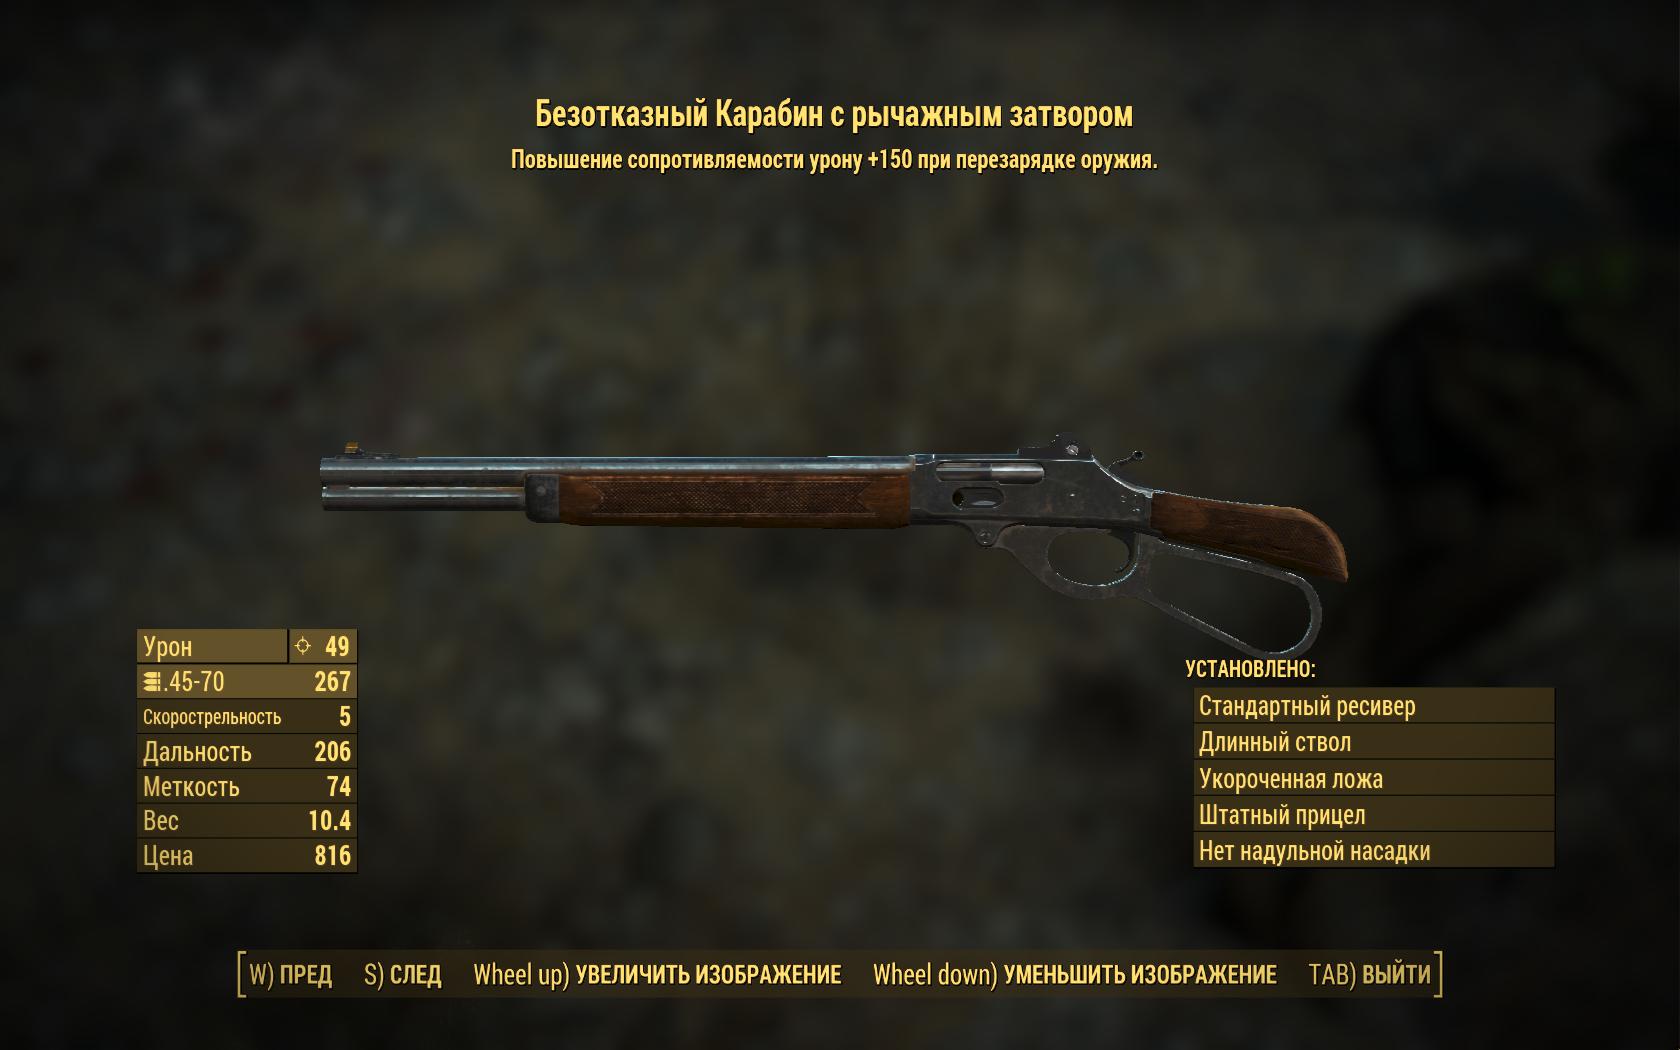 карабин - Fallout 4 Безотказный, Оружие, рычажный